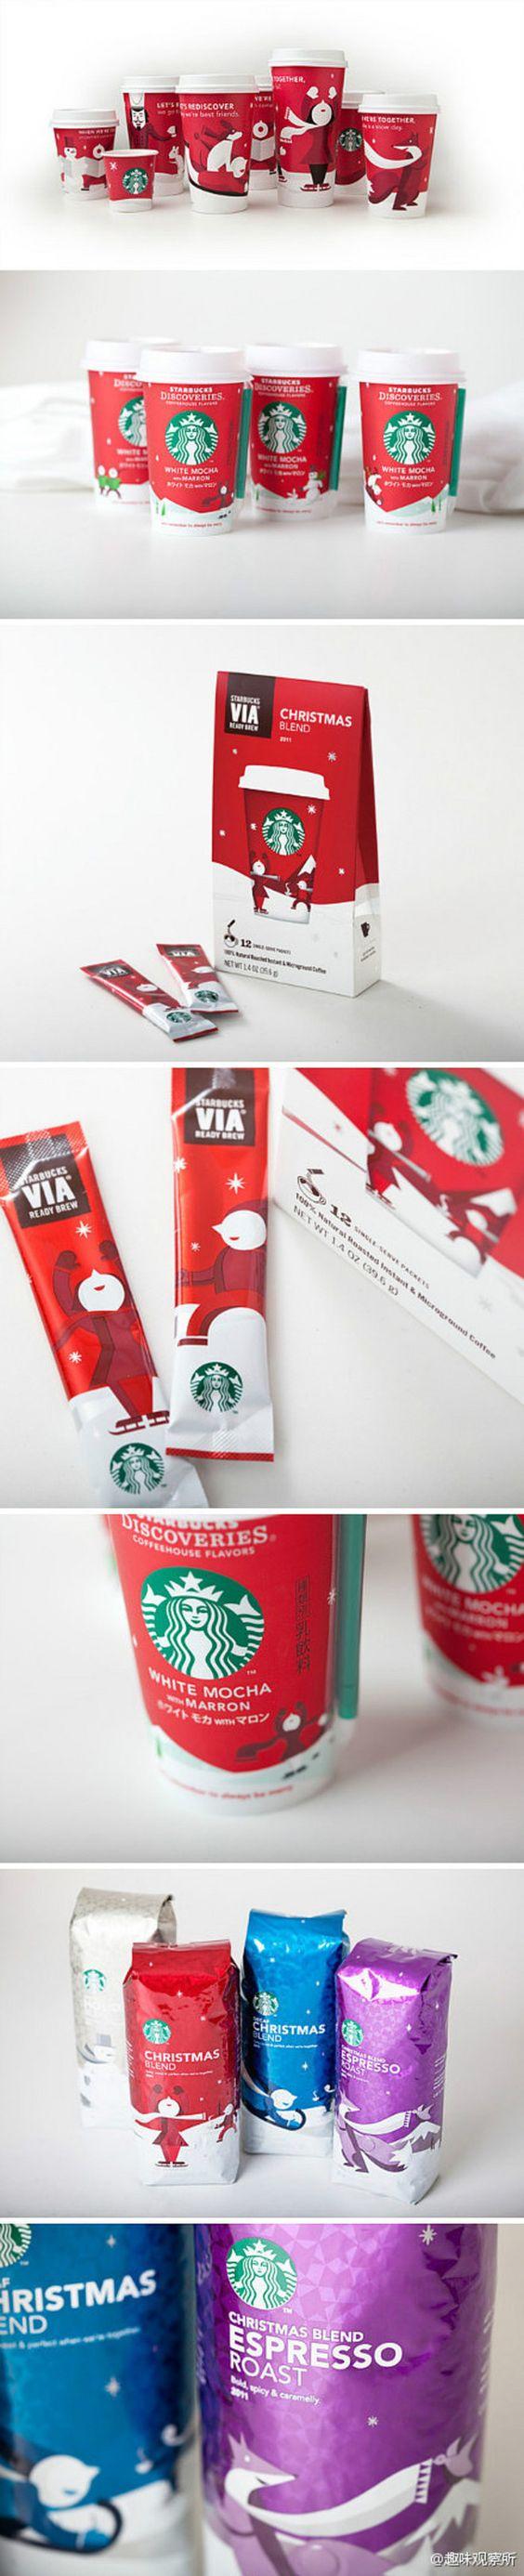 【星巴克圣诞特别包装】位于西雅图的星巴克...